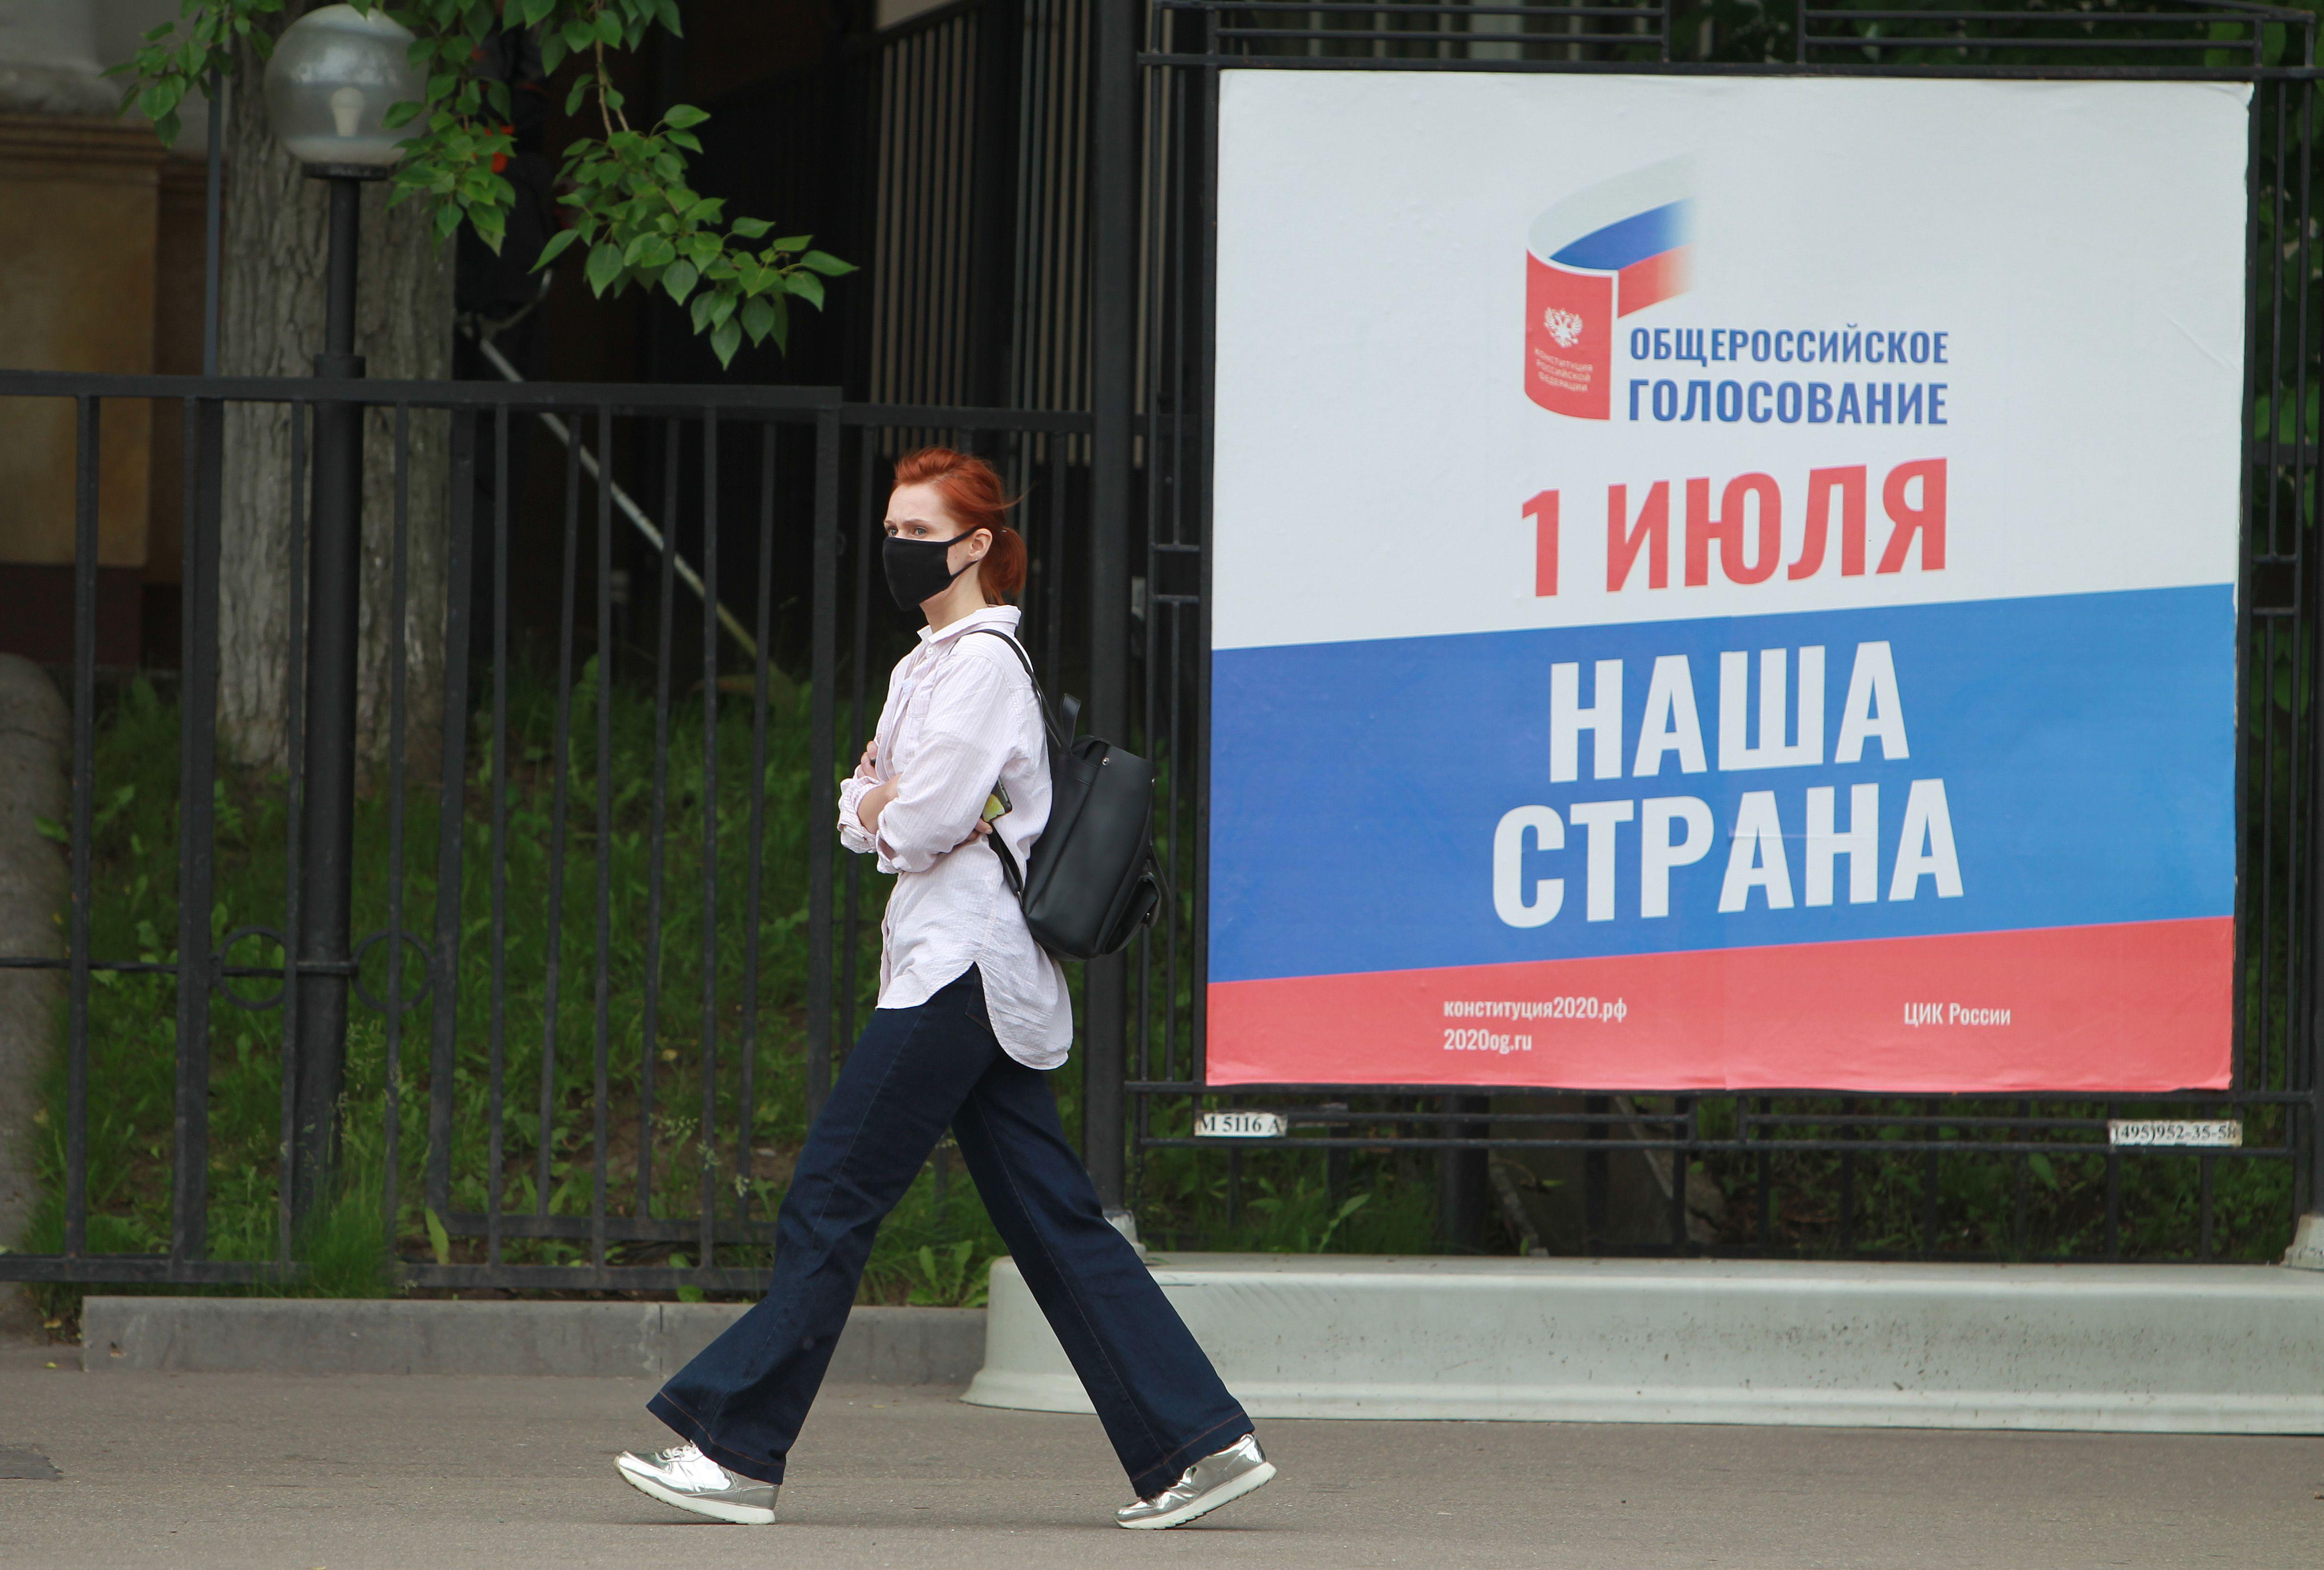 Профессор ВШЭ Олег Матвейчев выразил уверенность в легитимности голосования по Конституции